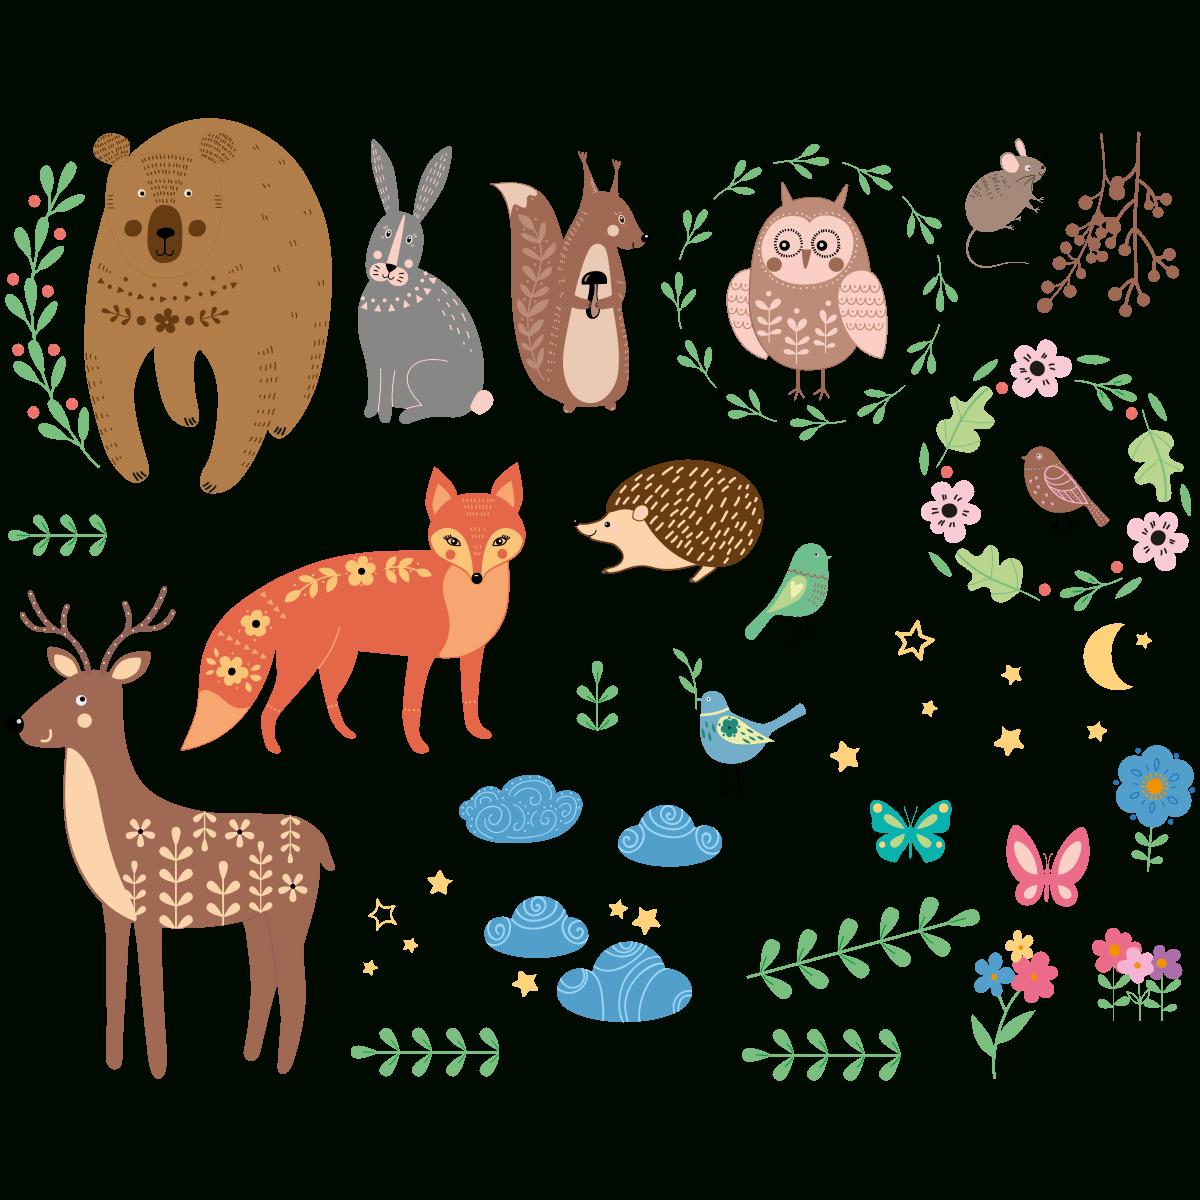 Sticker Animaux Scandinaves De La Forêt intérieur Image D Animaux De La Foret